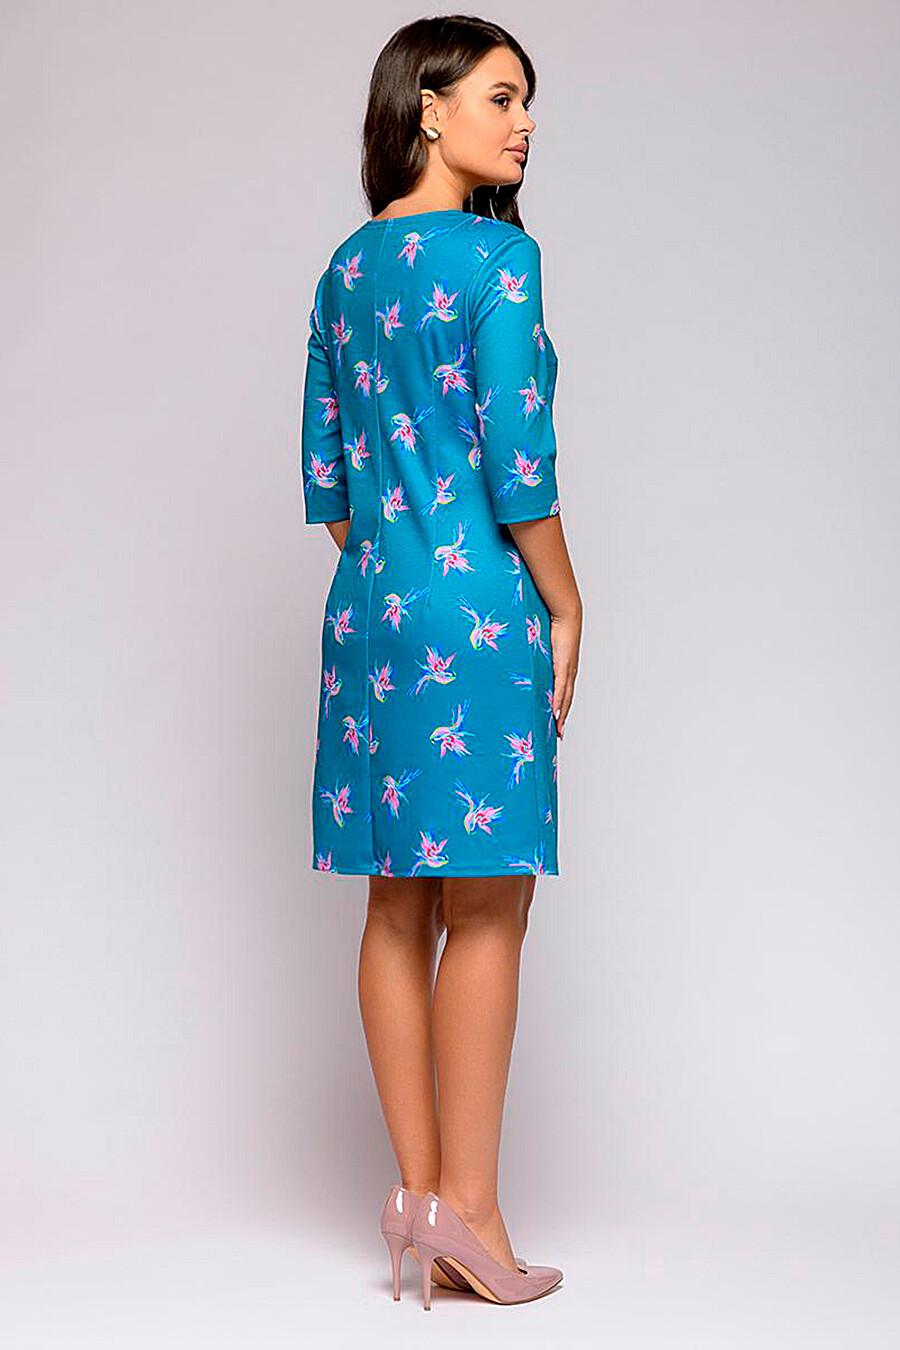 Платье для женщин 1001 DRESS 239194 купить оптом от производителя. Совместная покупка женской одежды в OptMoyo